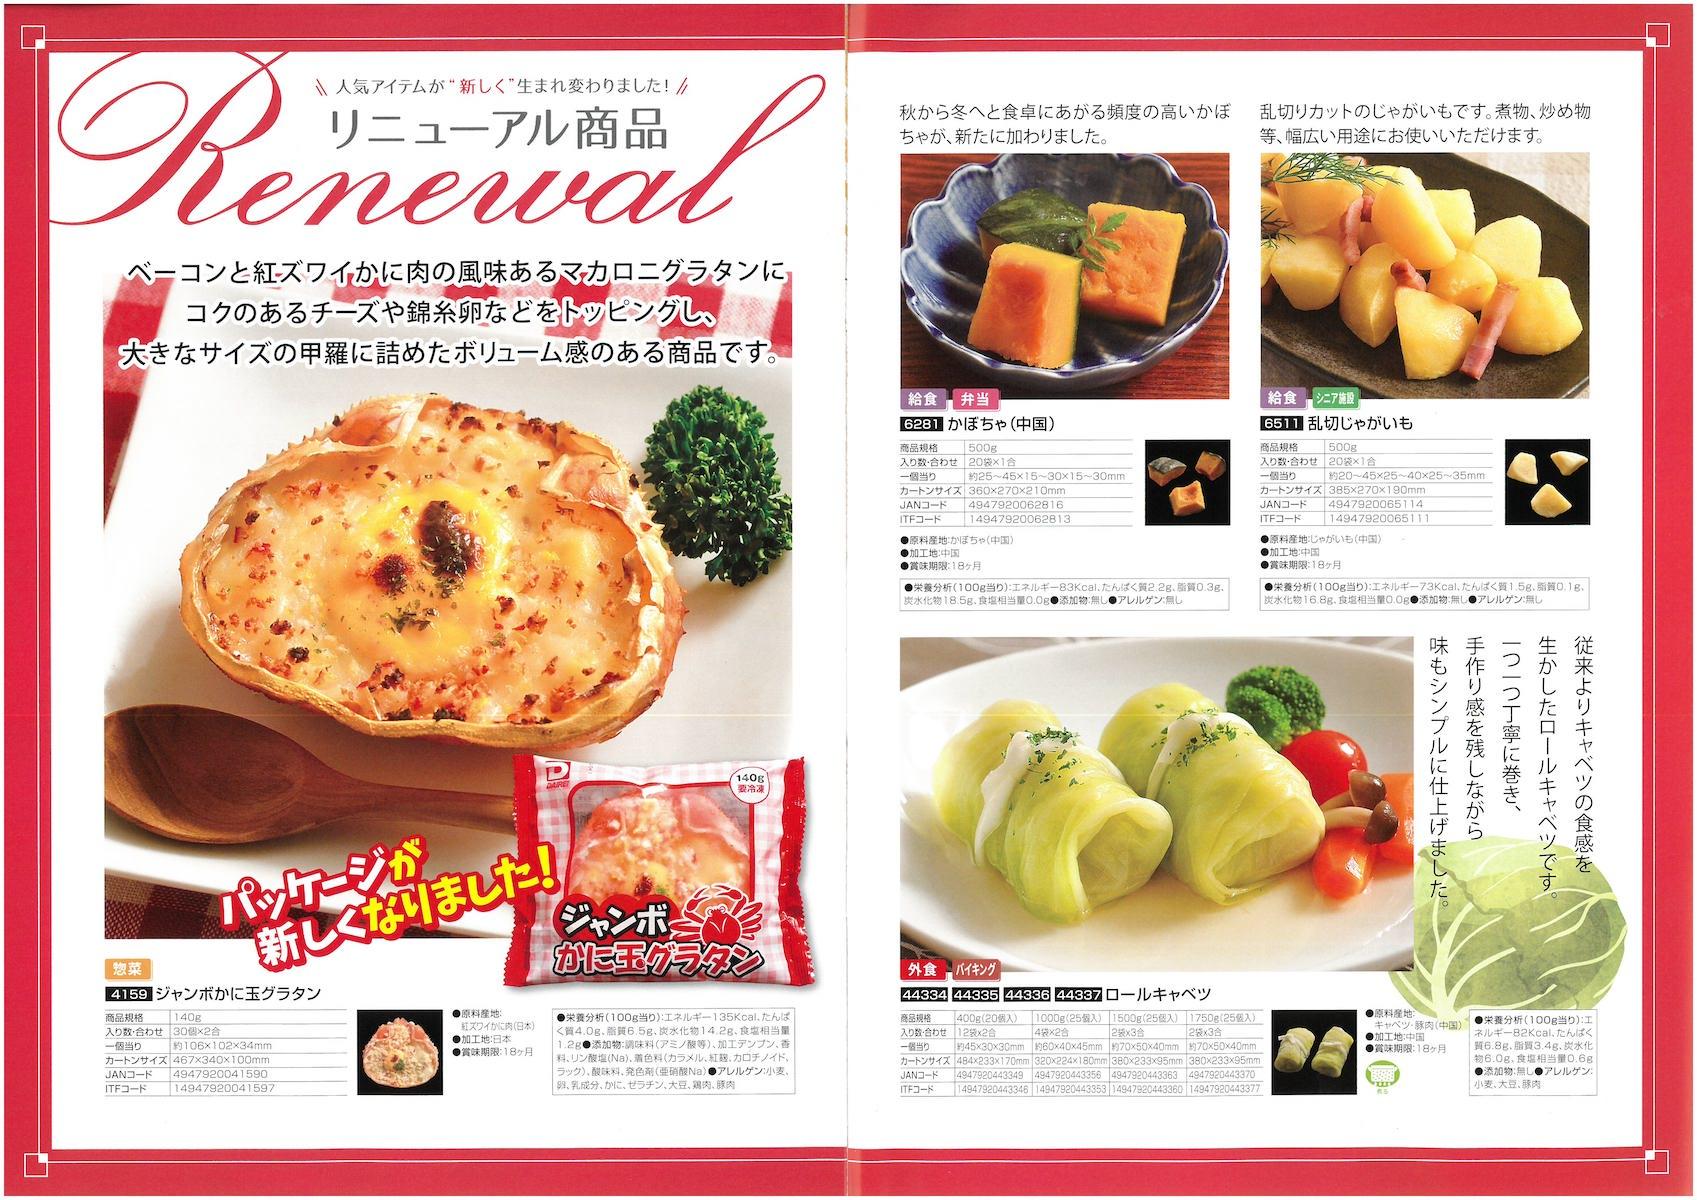 大冷 新製品カタログ 2019 autumn&winter 秋冬 new product catalog